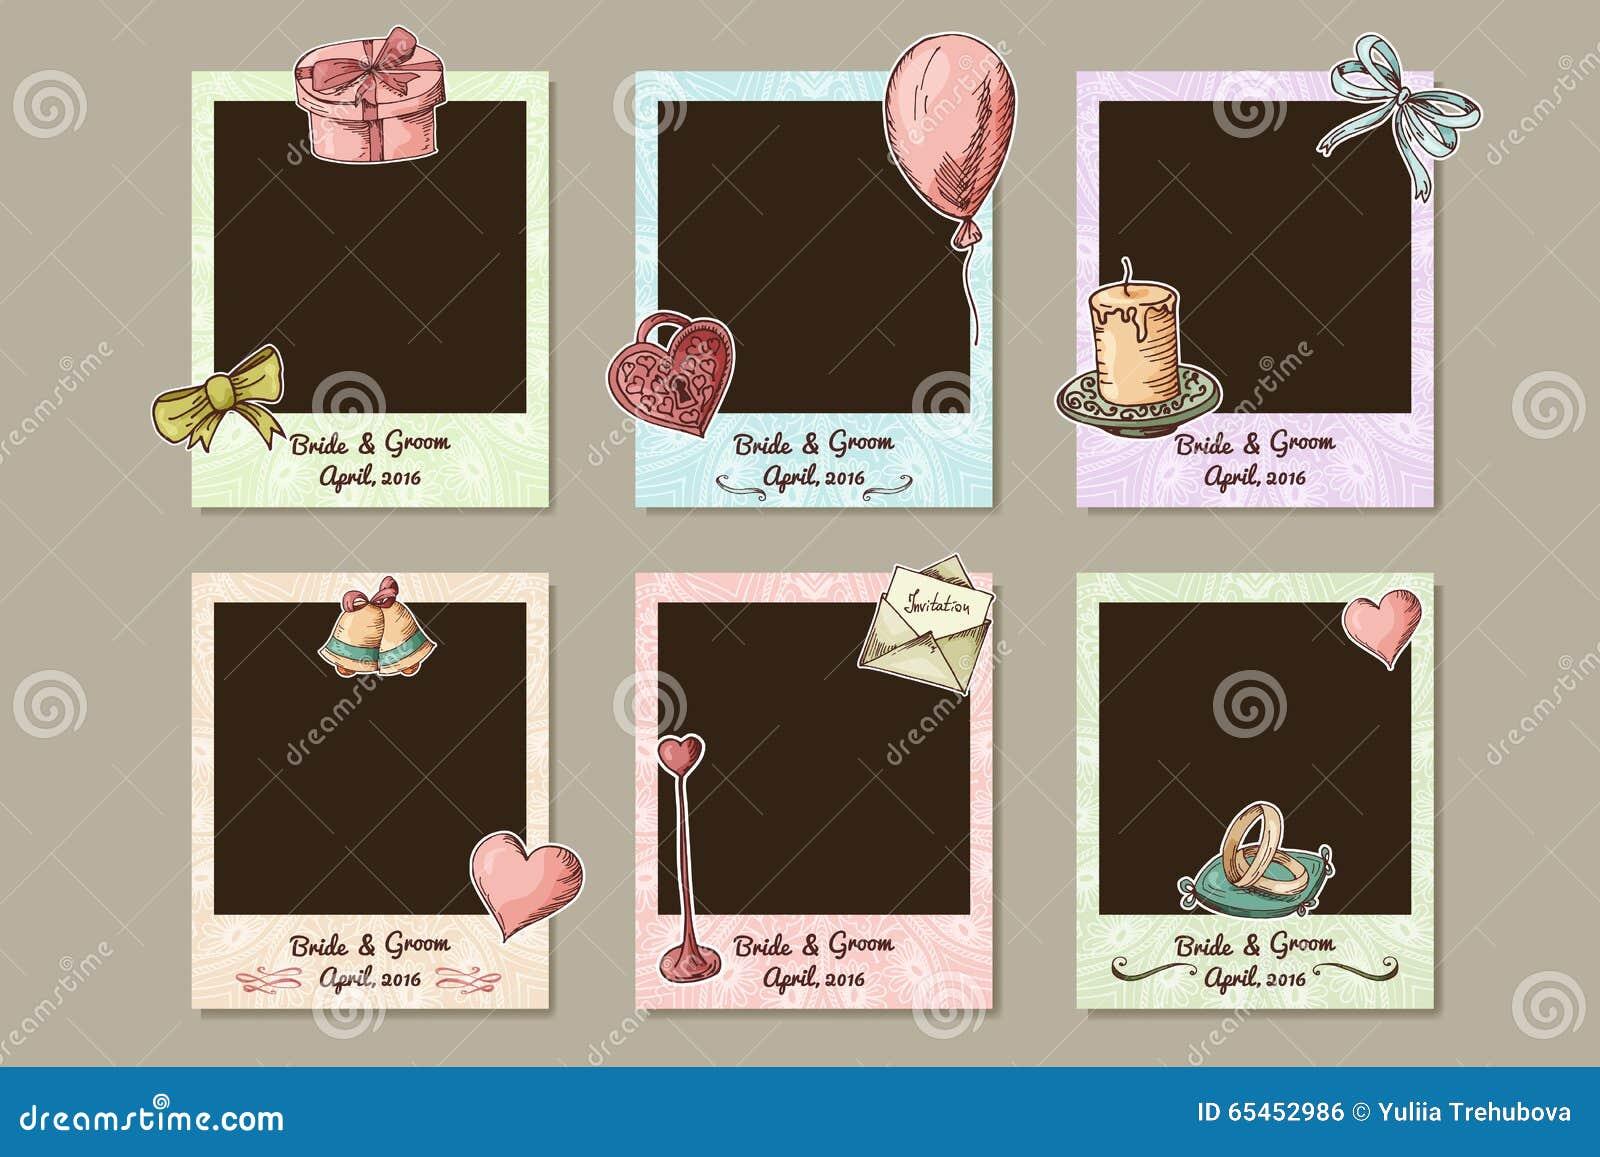 Marco de la boda del dise o marcos decorativos de la foto - Diseno de fotos ...